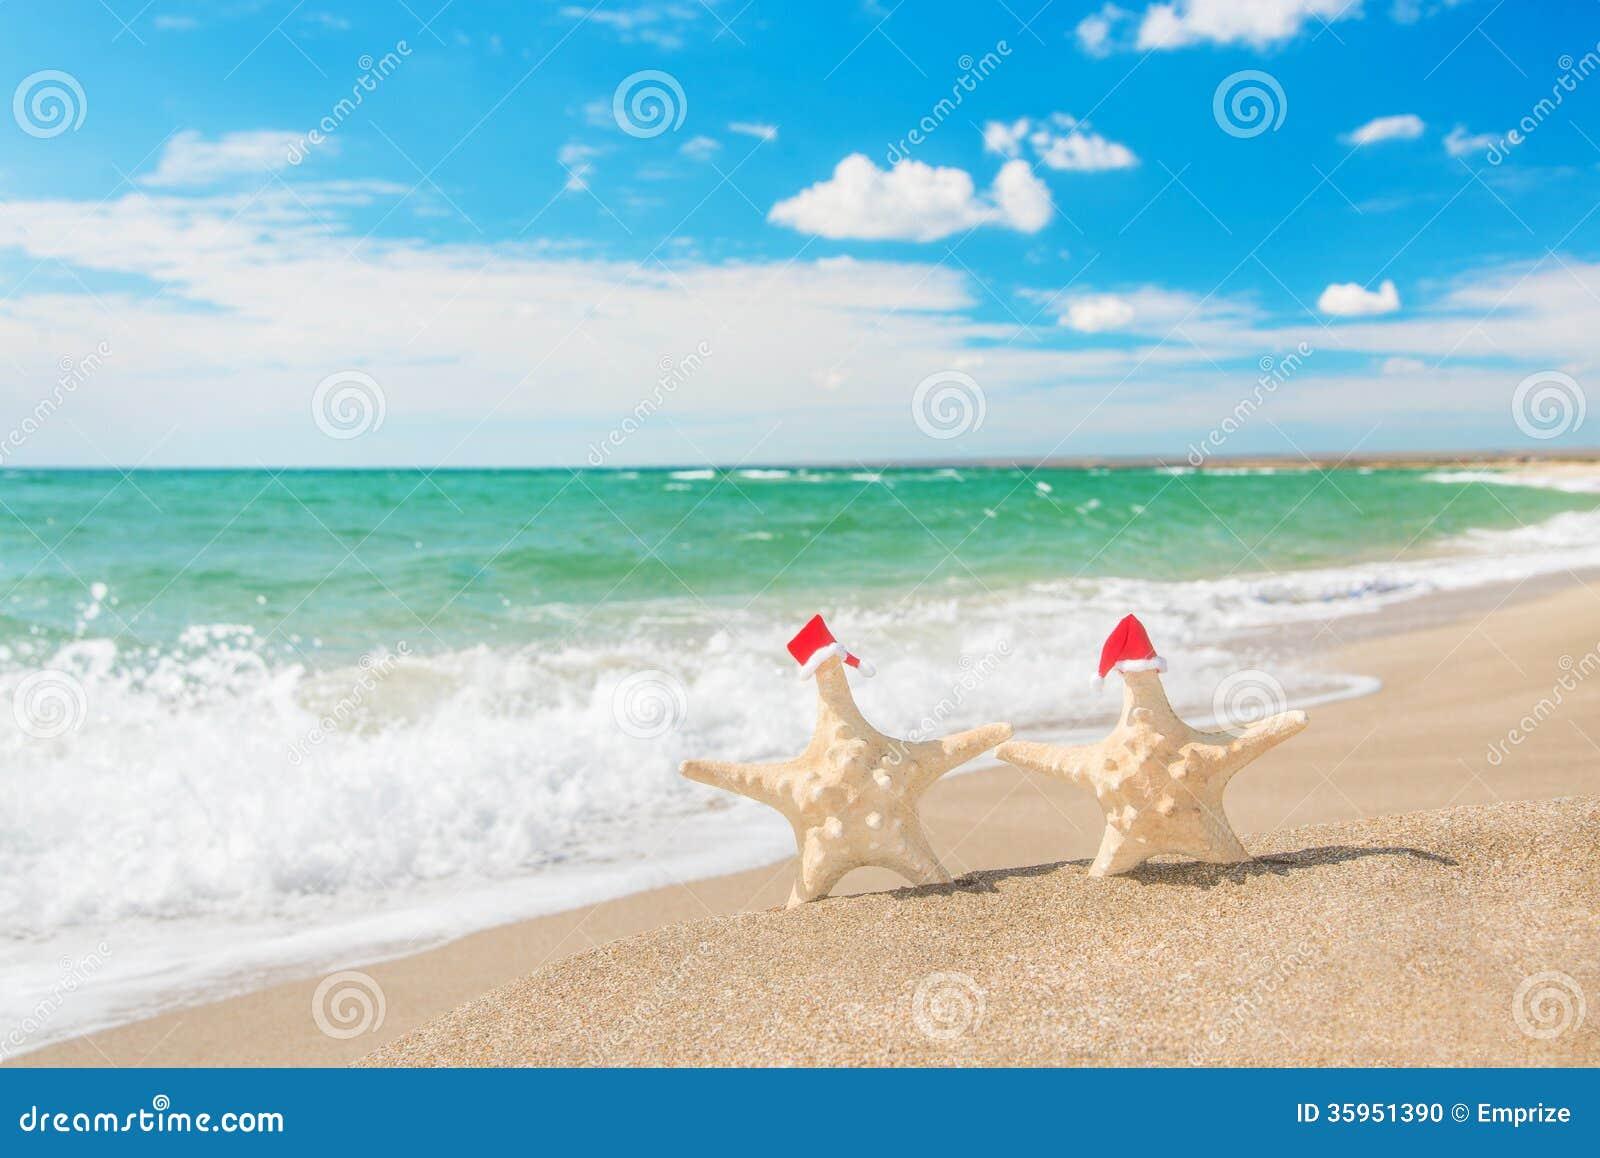 Las Mar-estrellas se juntan en los sombreros de santa que caminan en la playa del mar